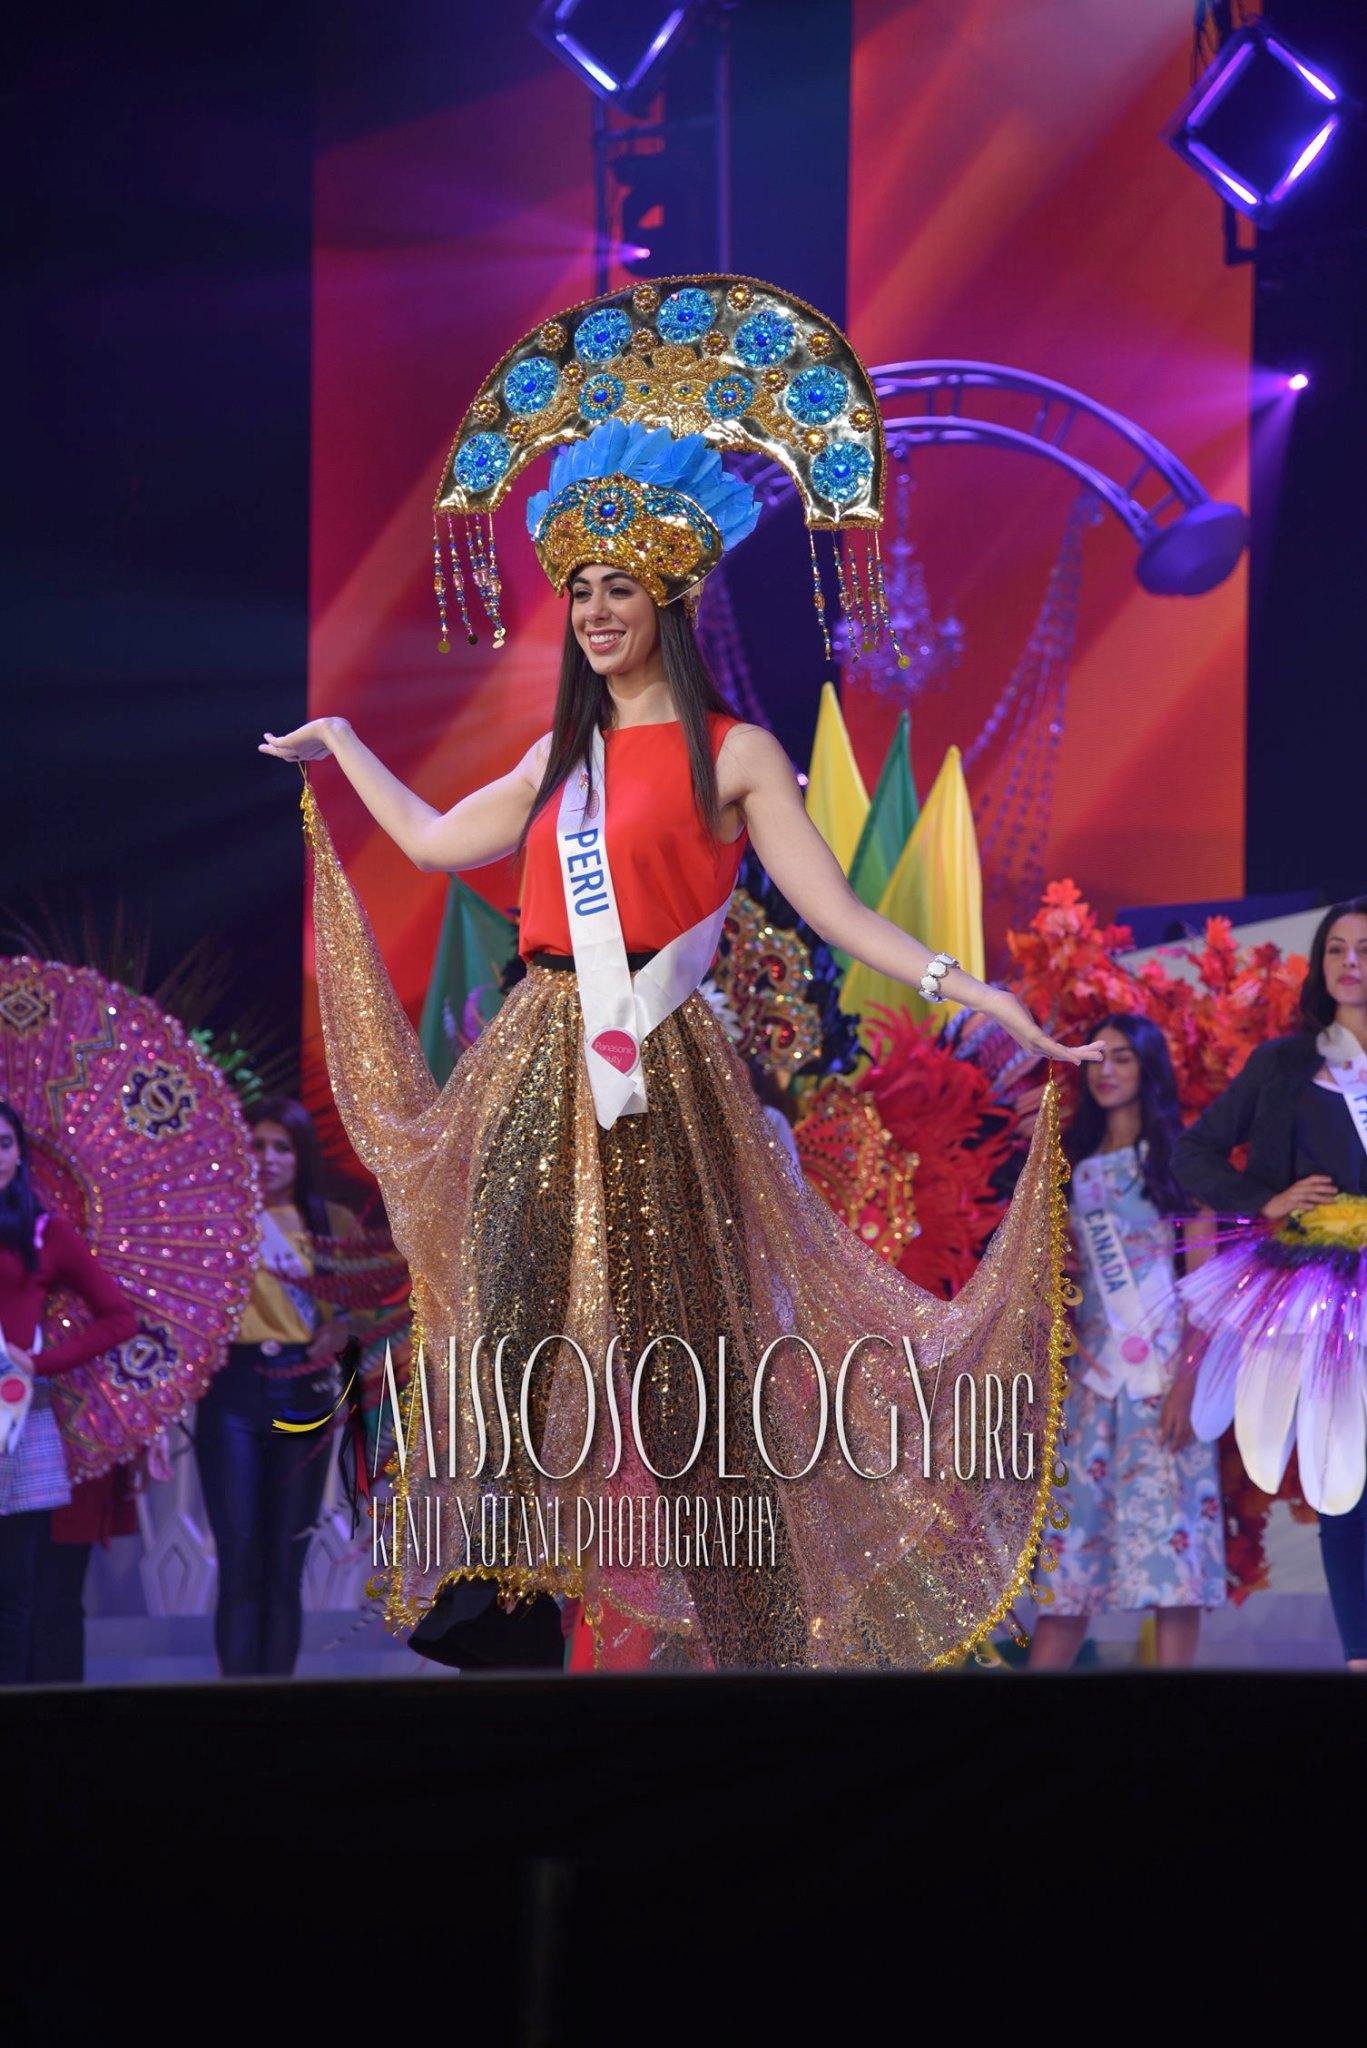 majo barbis, miss international peru 2019. - Página 6 74585110